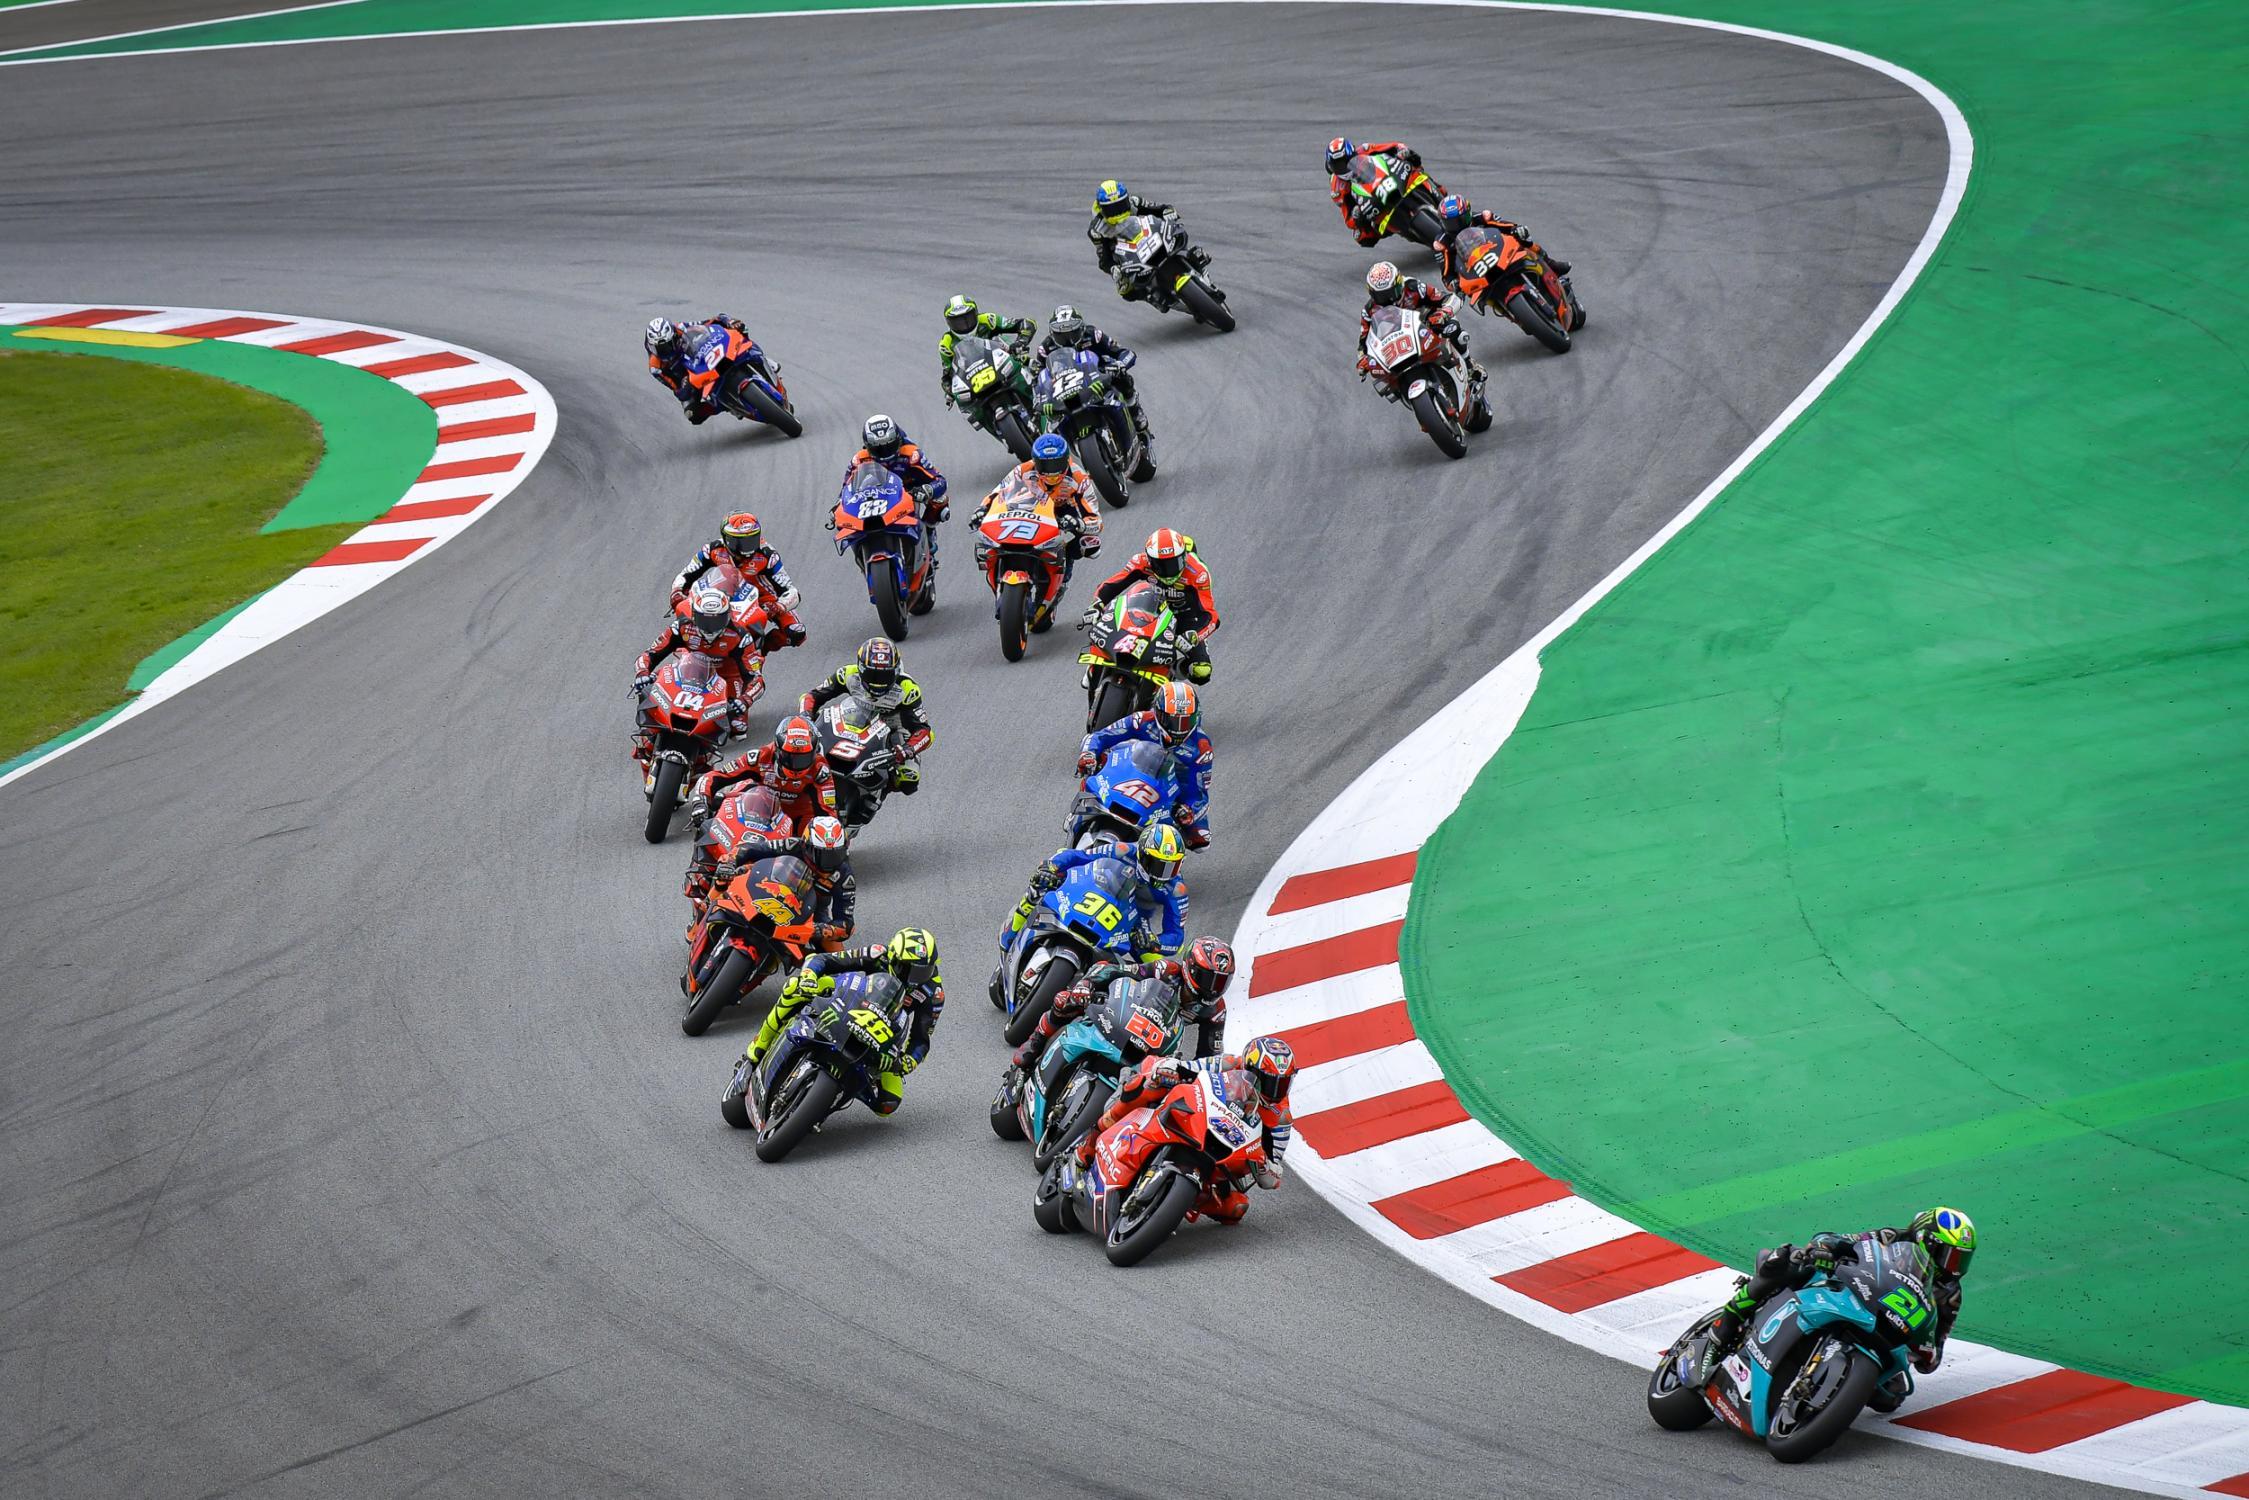 Meteo Catalogna: Previsioni meteo per la gara di MotoGP in Spagna.